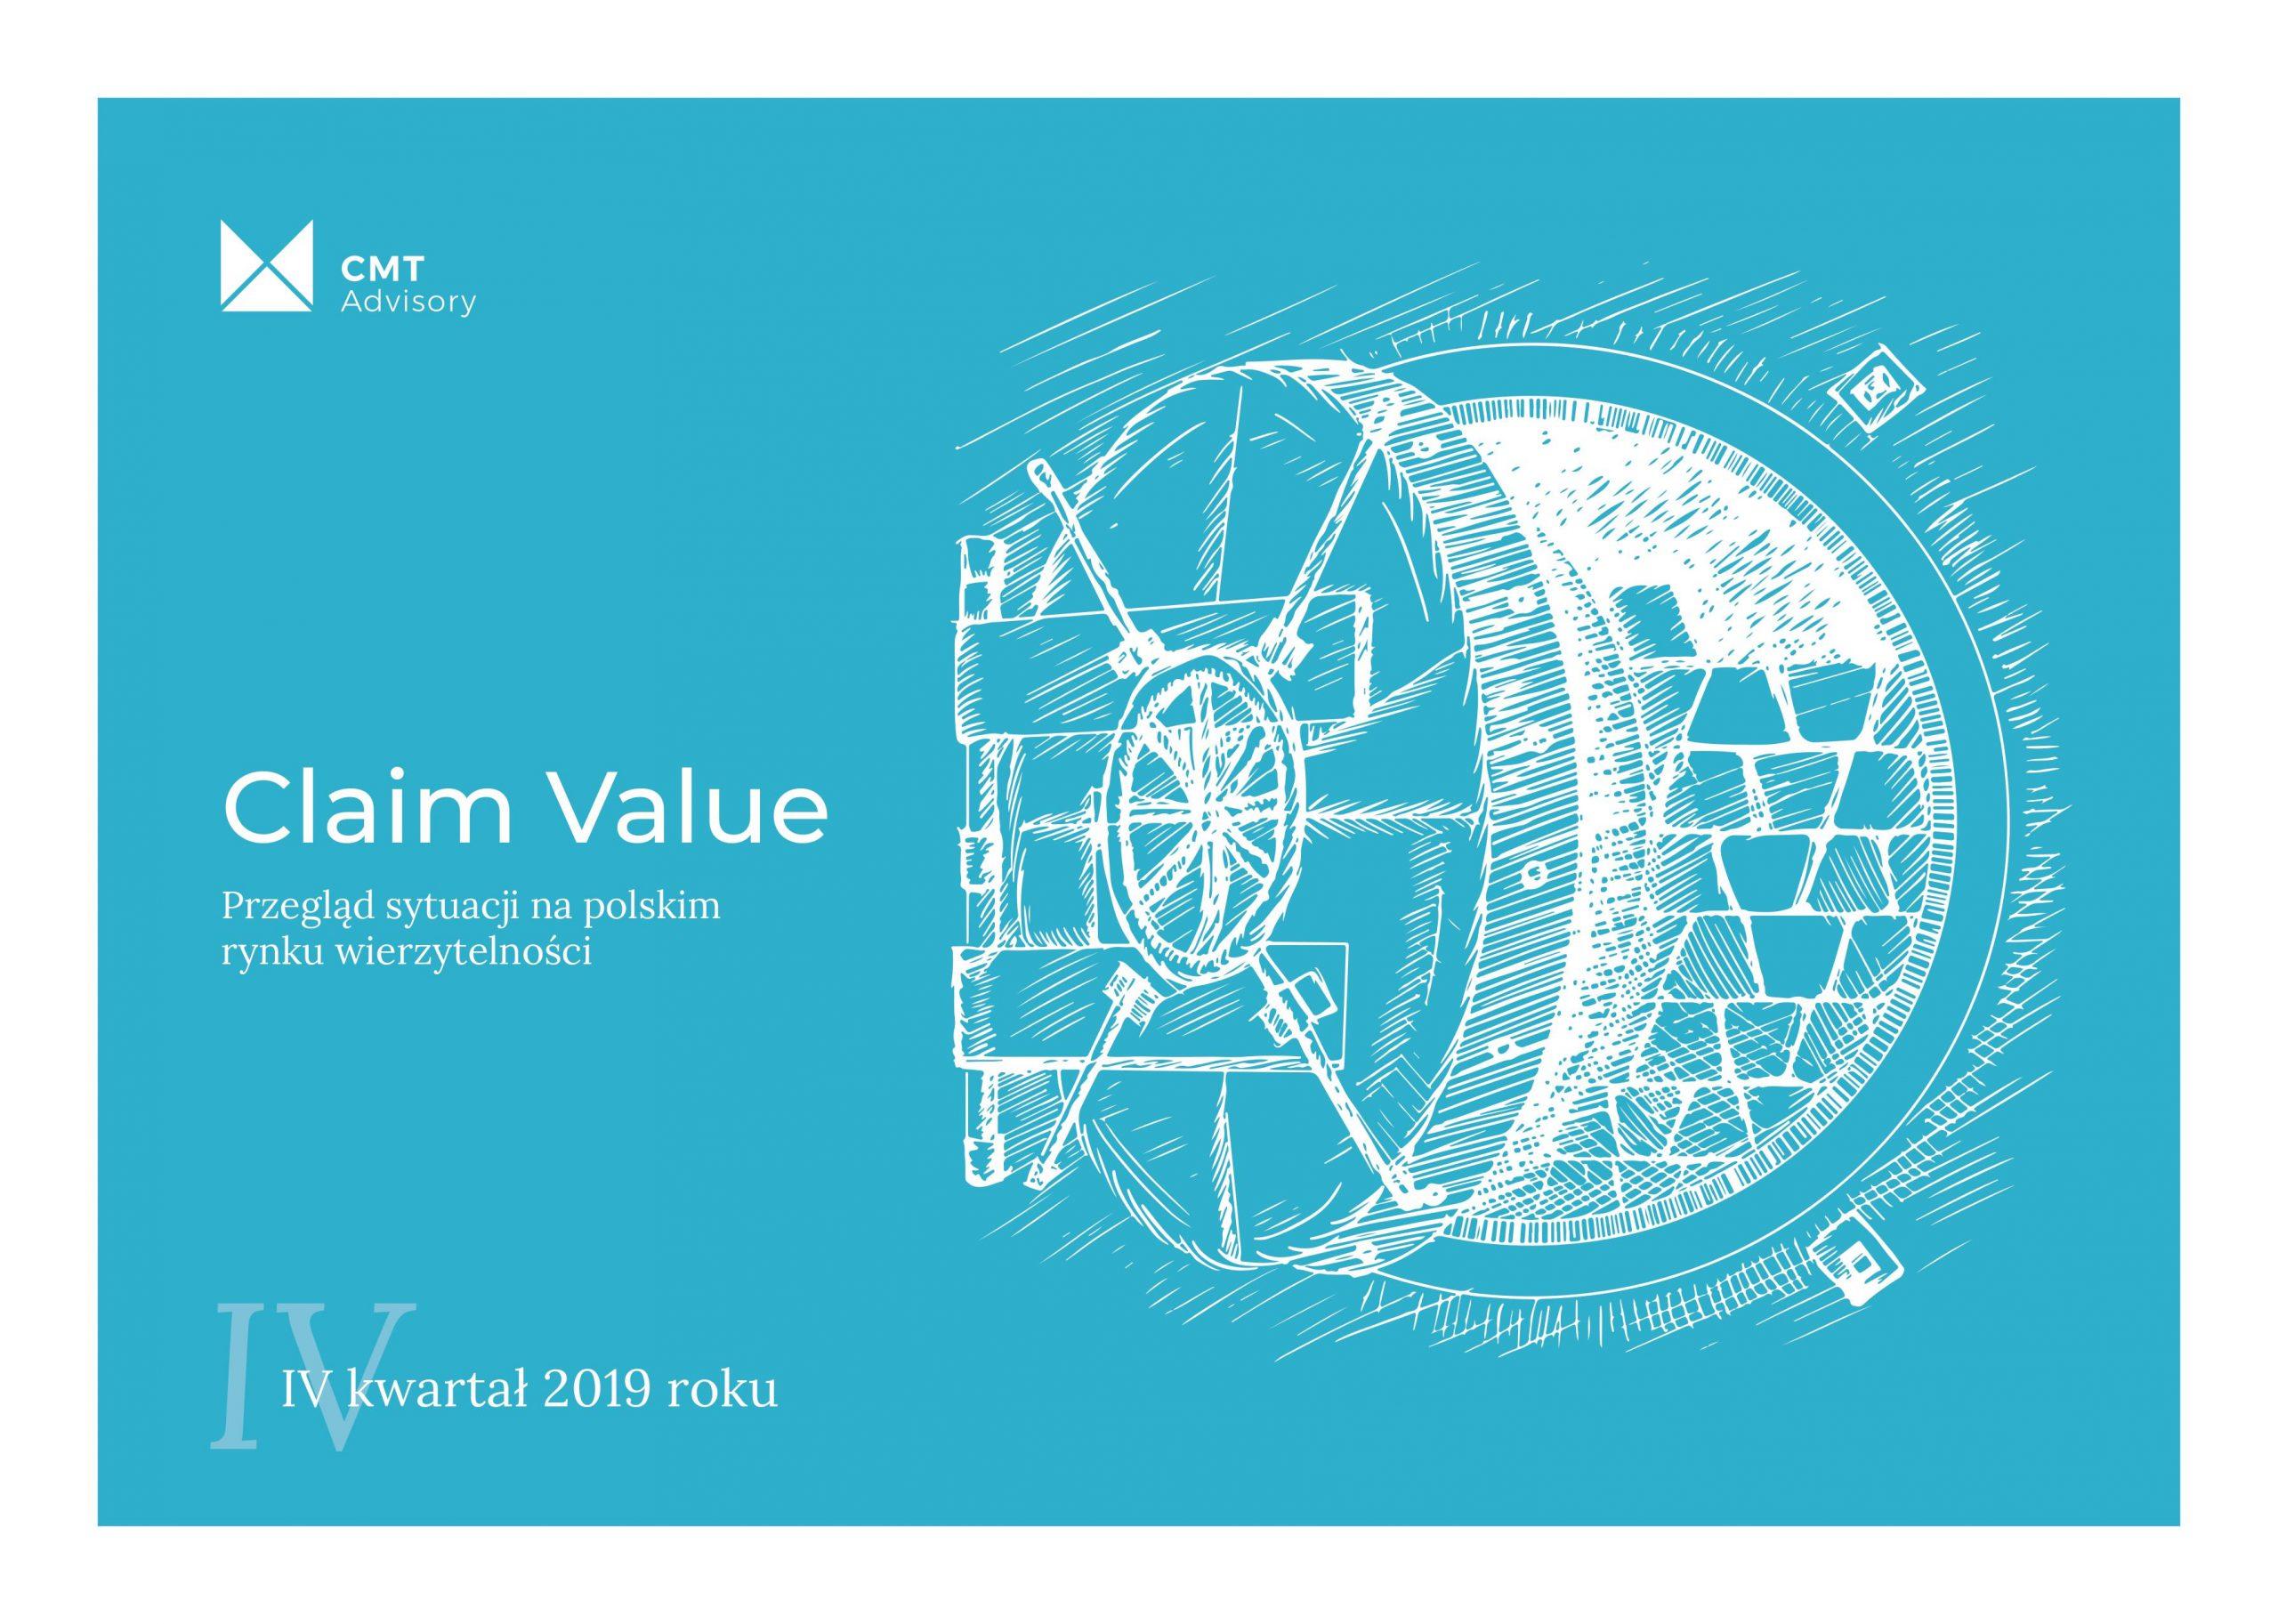 Claim Value - przegląd sytuacji na polskim rynku wierzytelności za IV kwartał 2019 roku